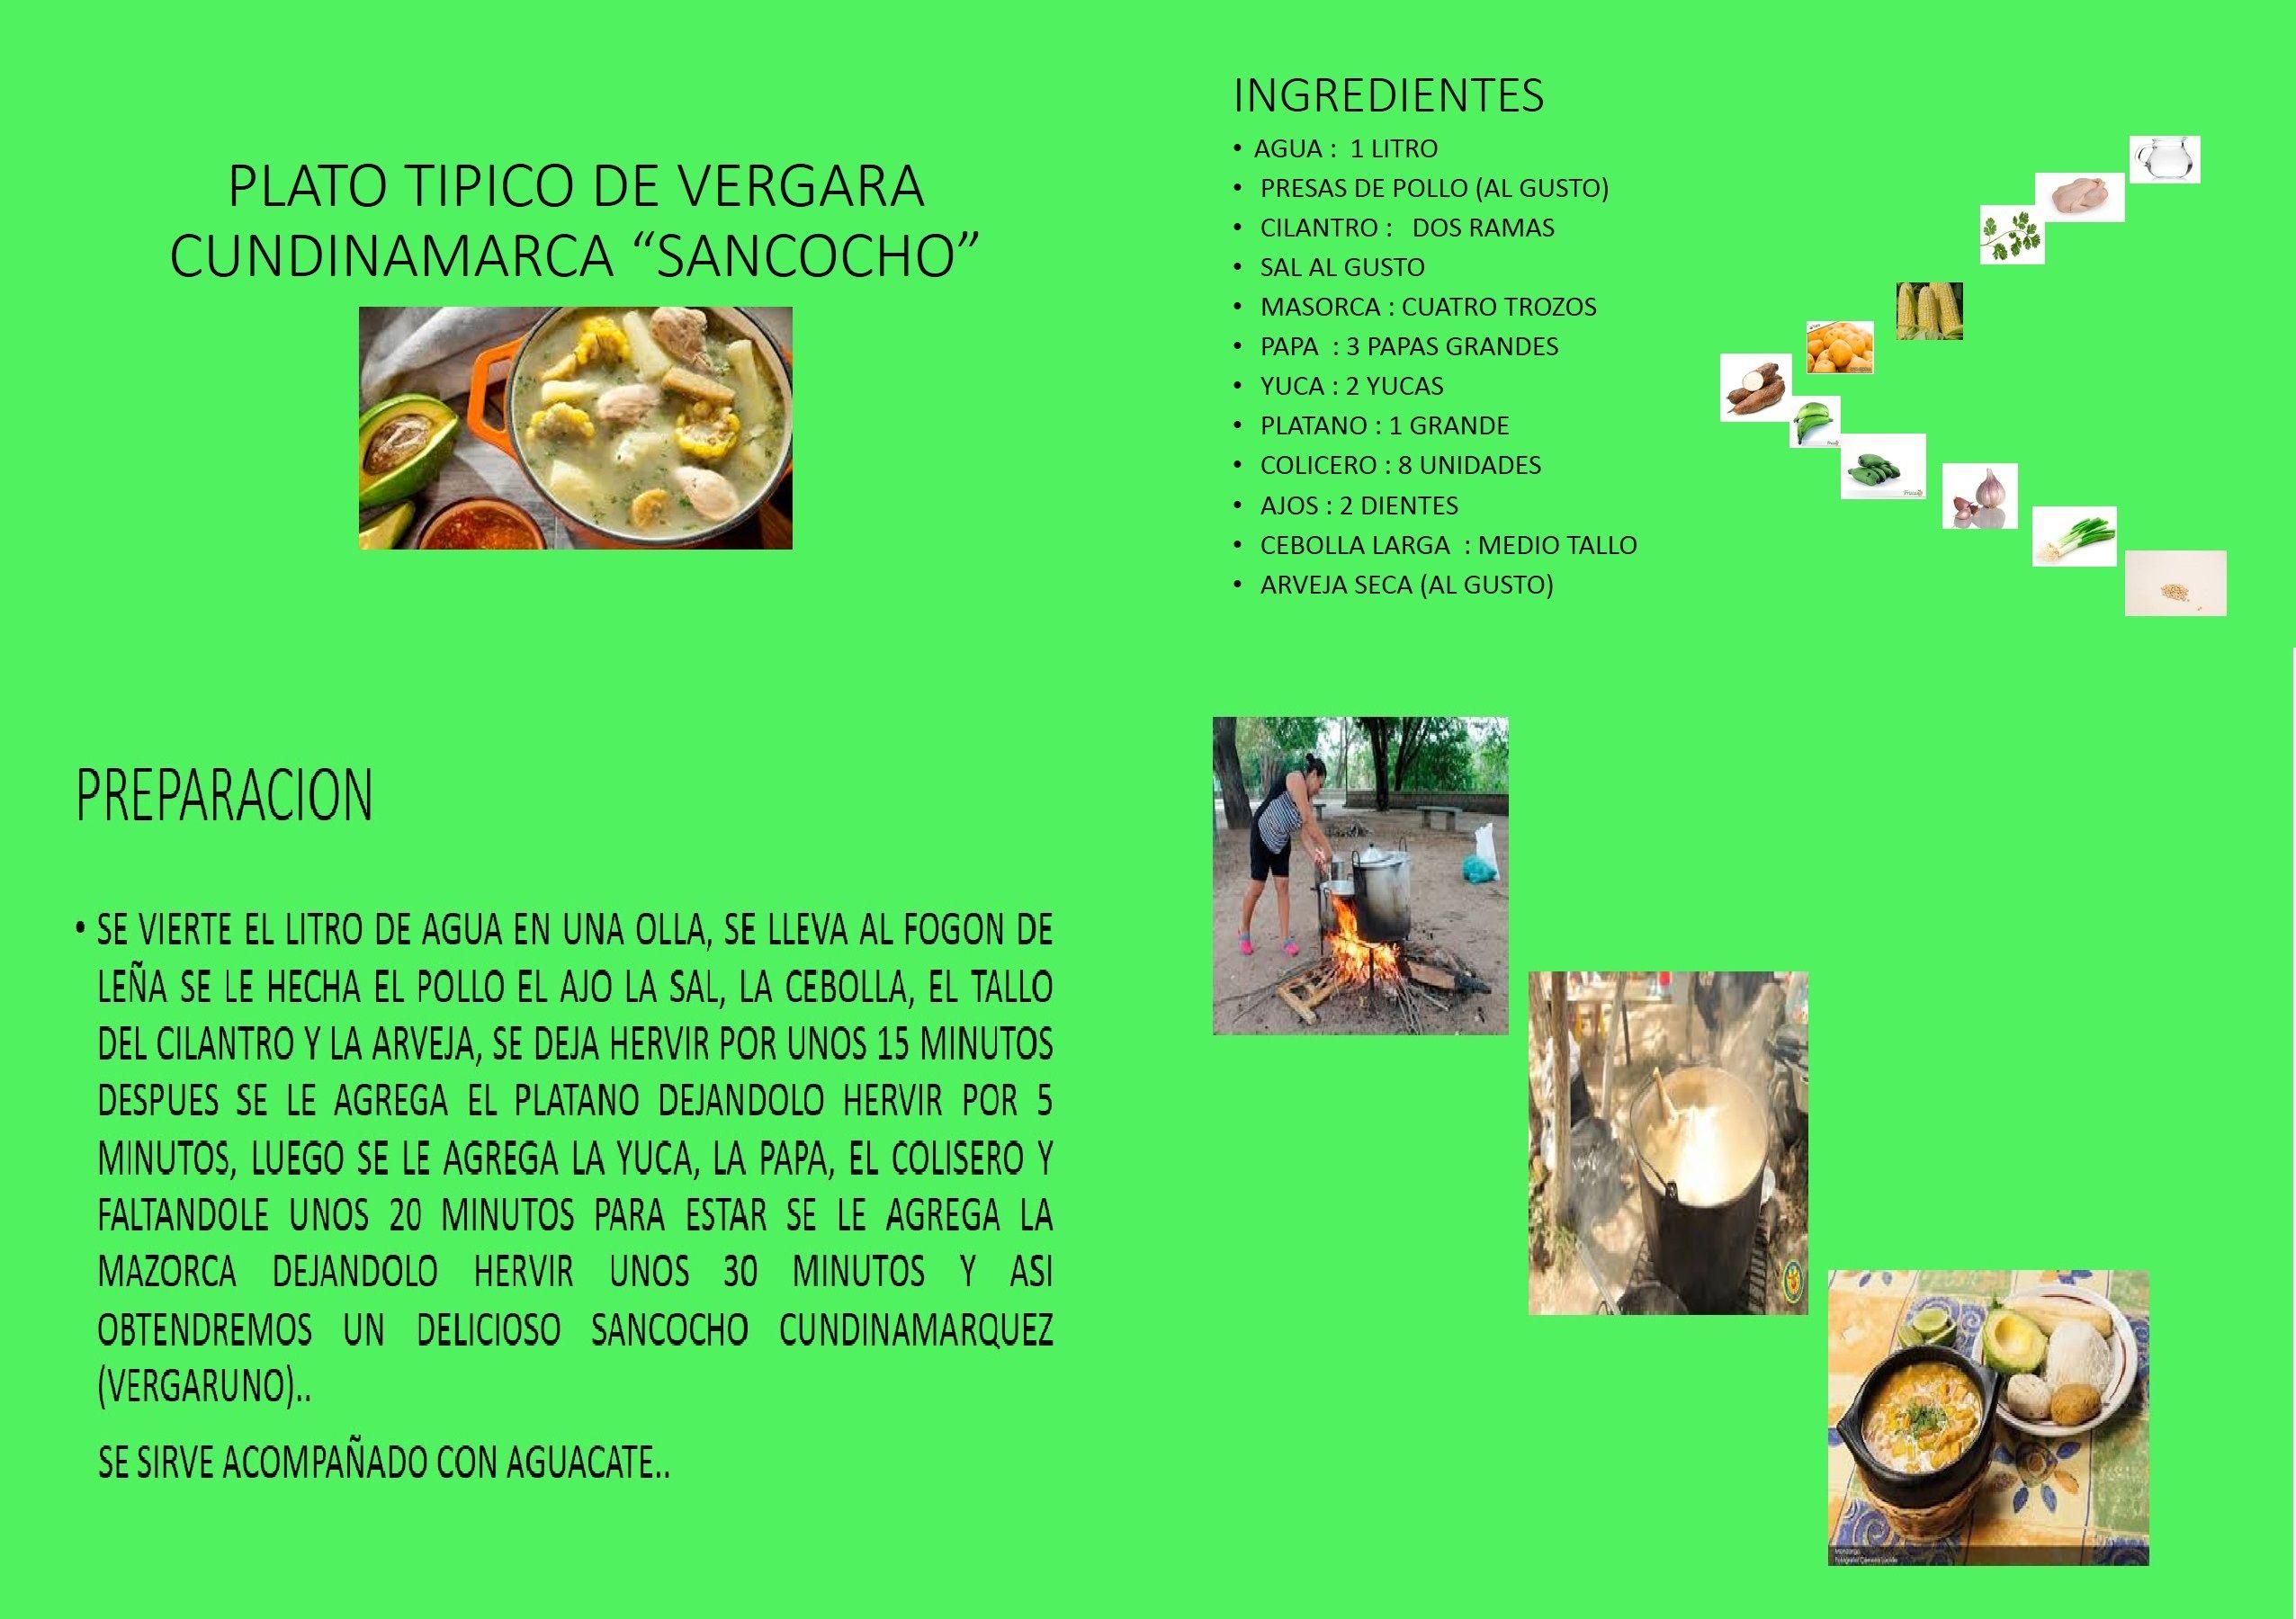 Es uno de los platos mas típicos que hay en nuestra región Vergara Cundinamarca